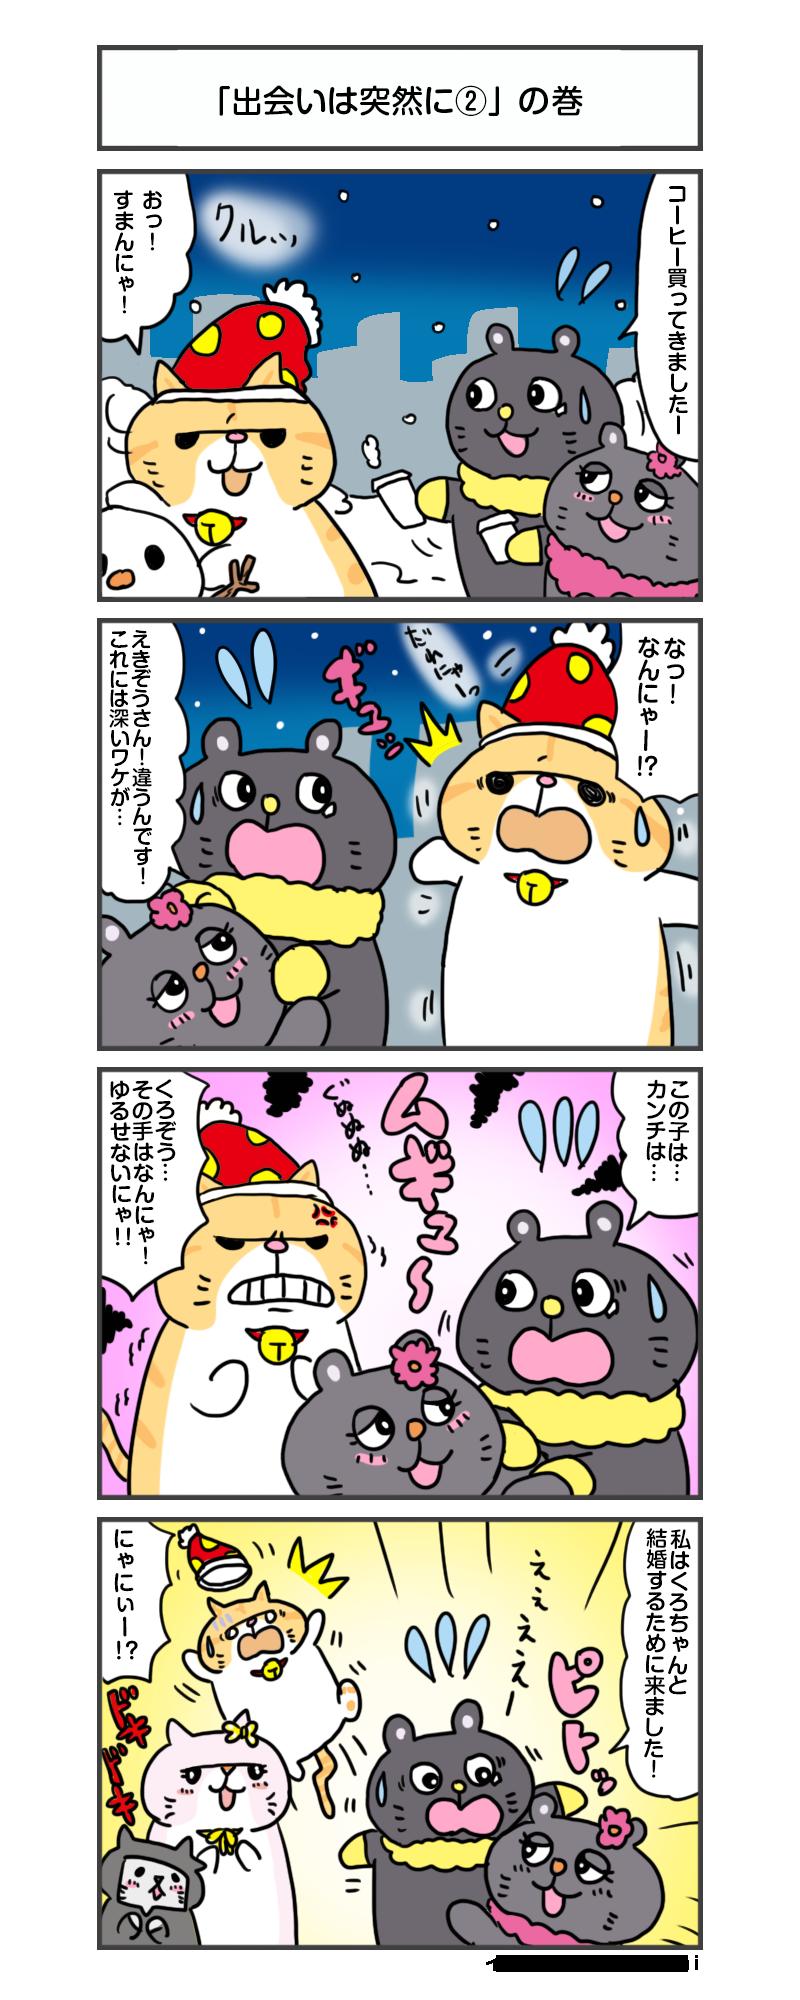 えきぞうmanga_vol.180apng